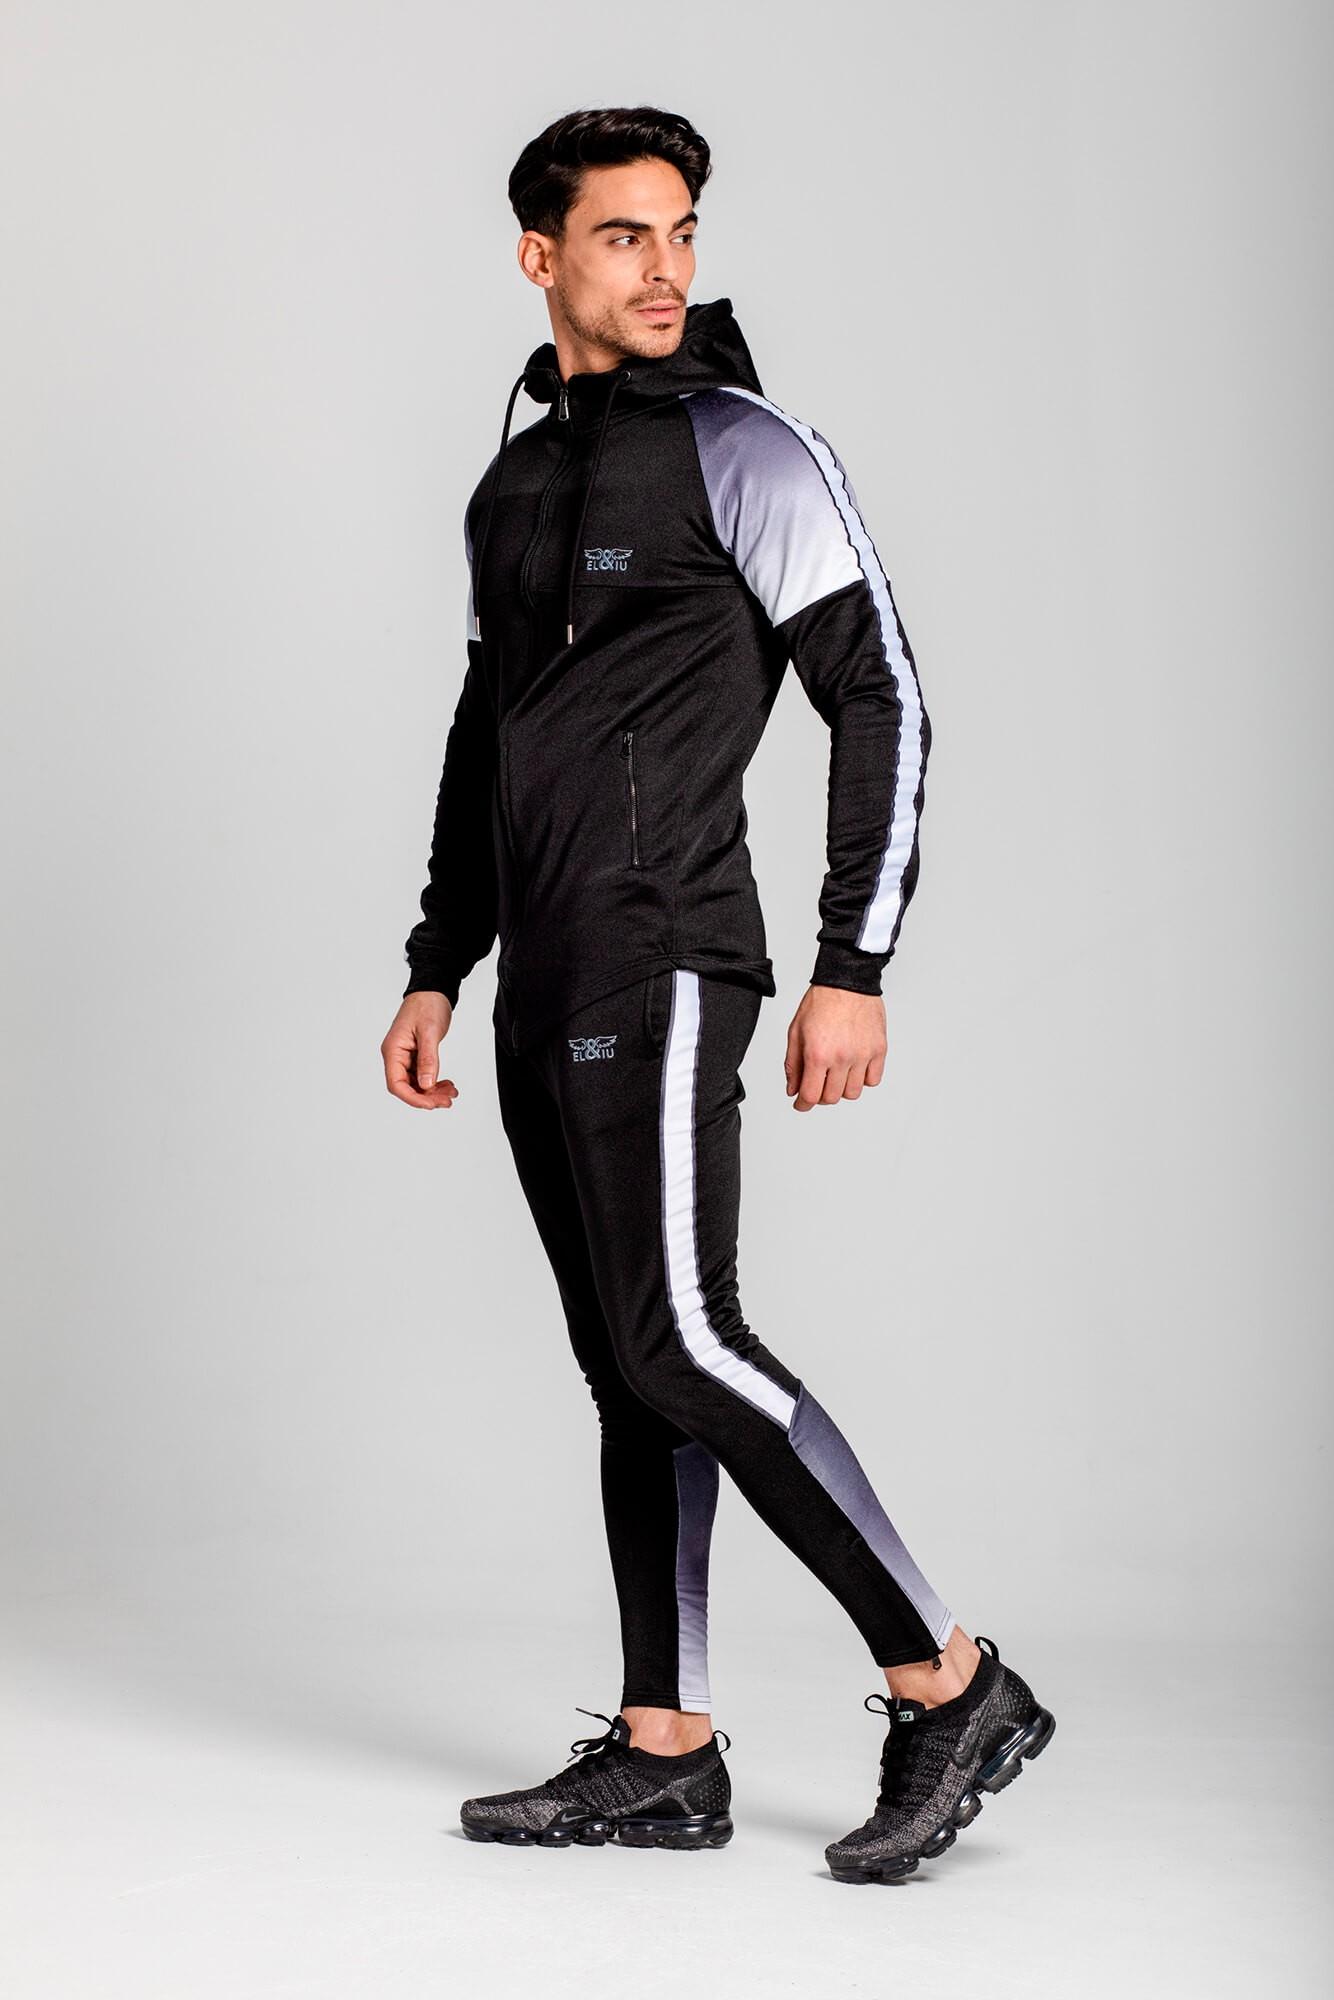 Sudadera deportiva, slim fit y 100% algodón. Estilo urbano de la marca ELIU, moda casual y urbana.